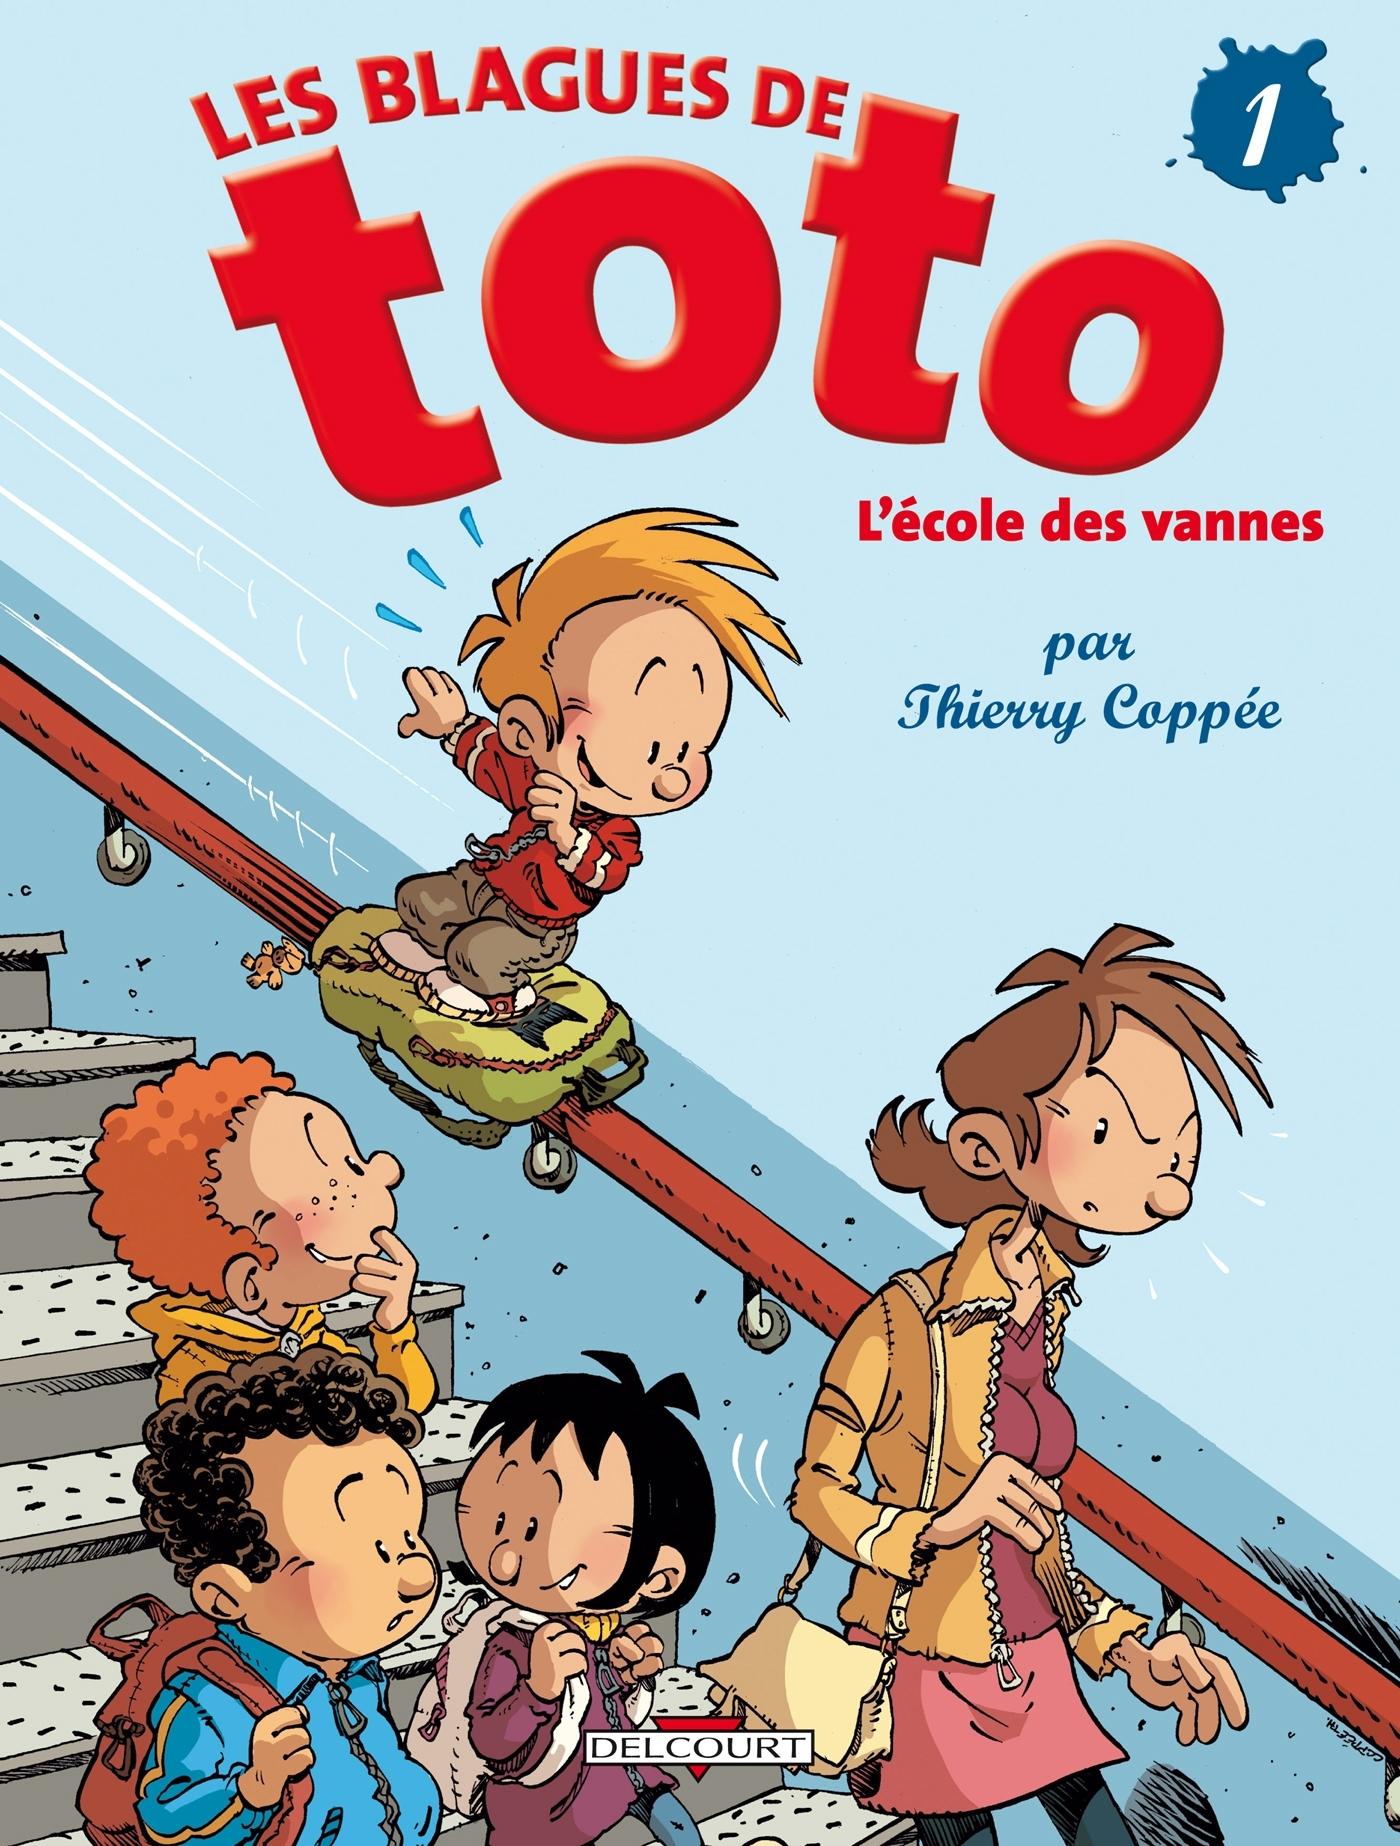 BLAGUES DE TOTO T01 - L'ECOLE DES VANNES